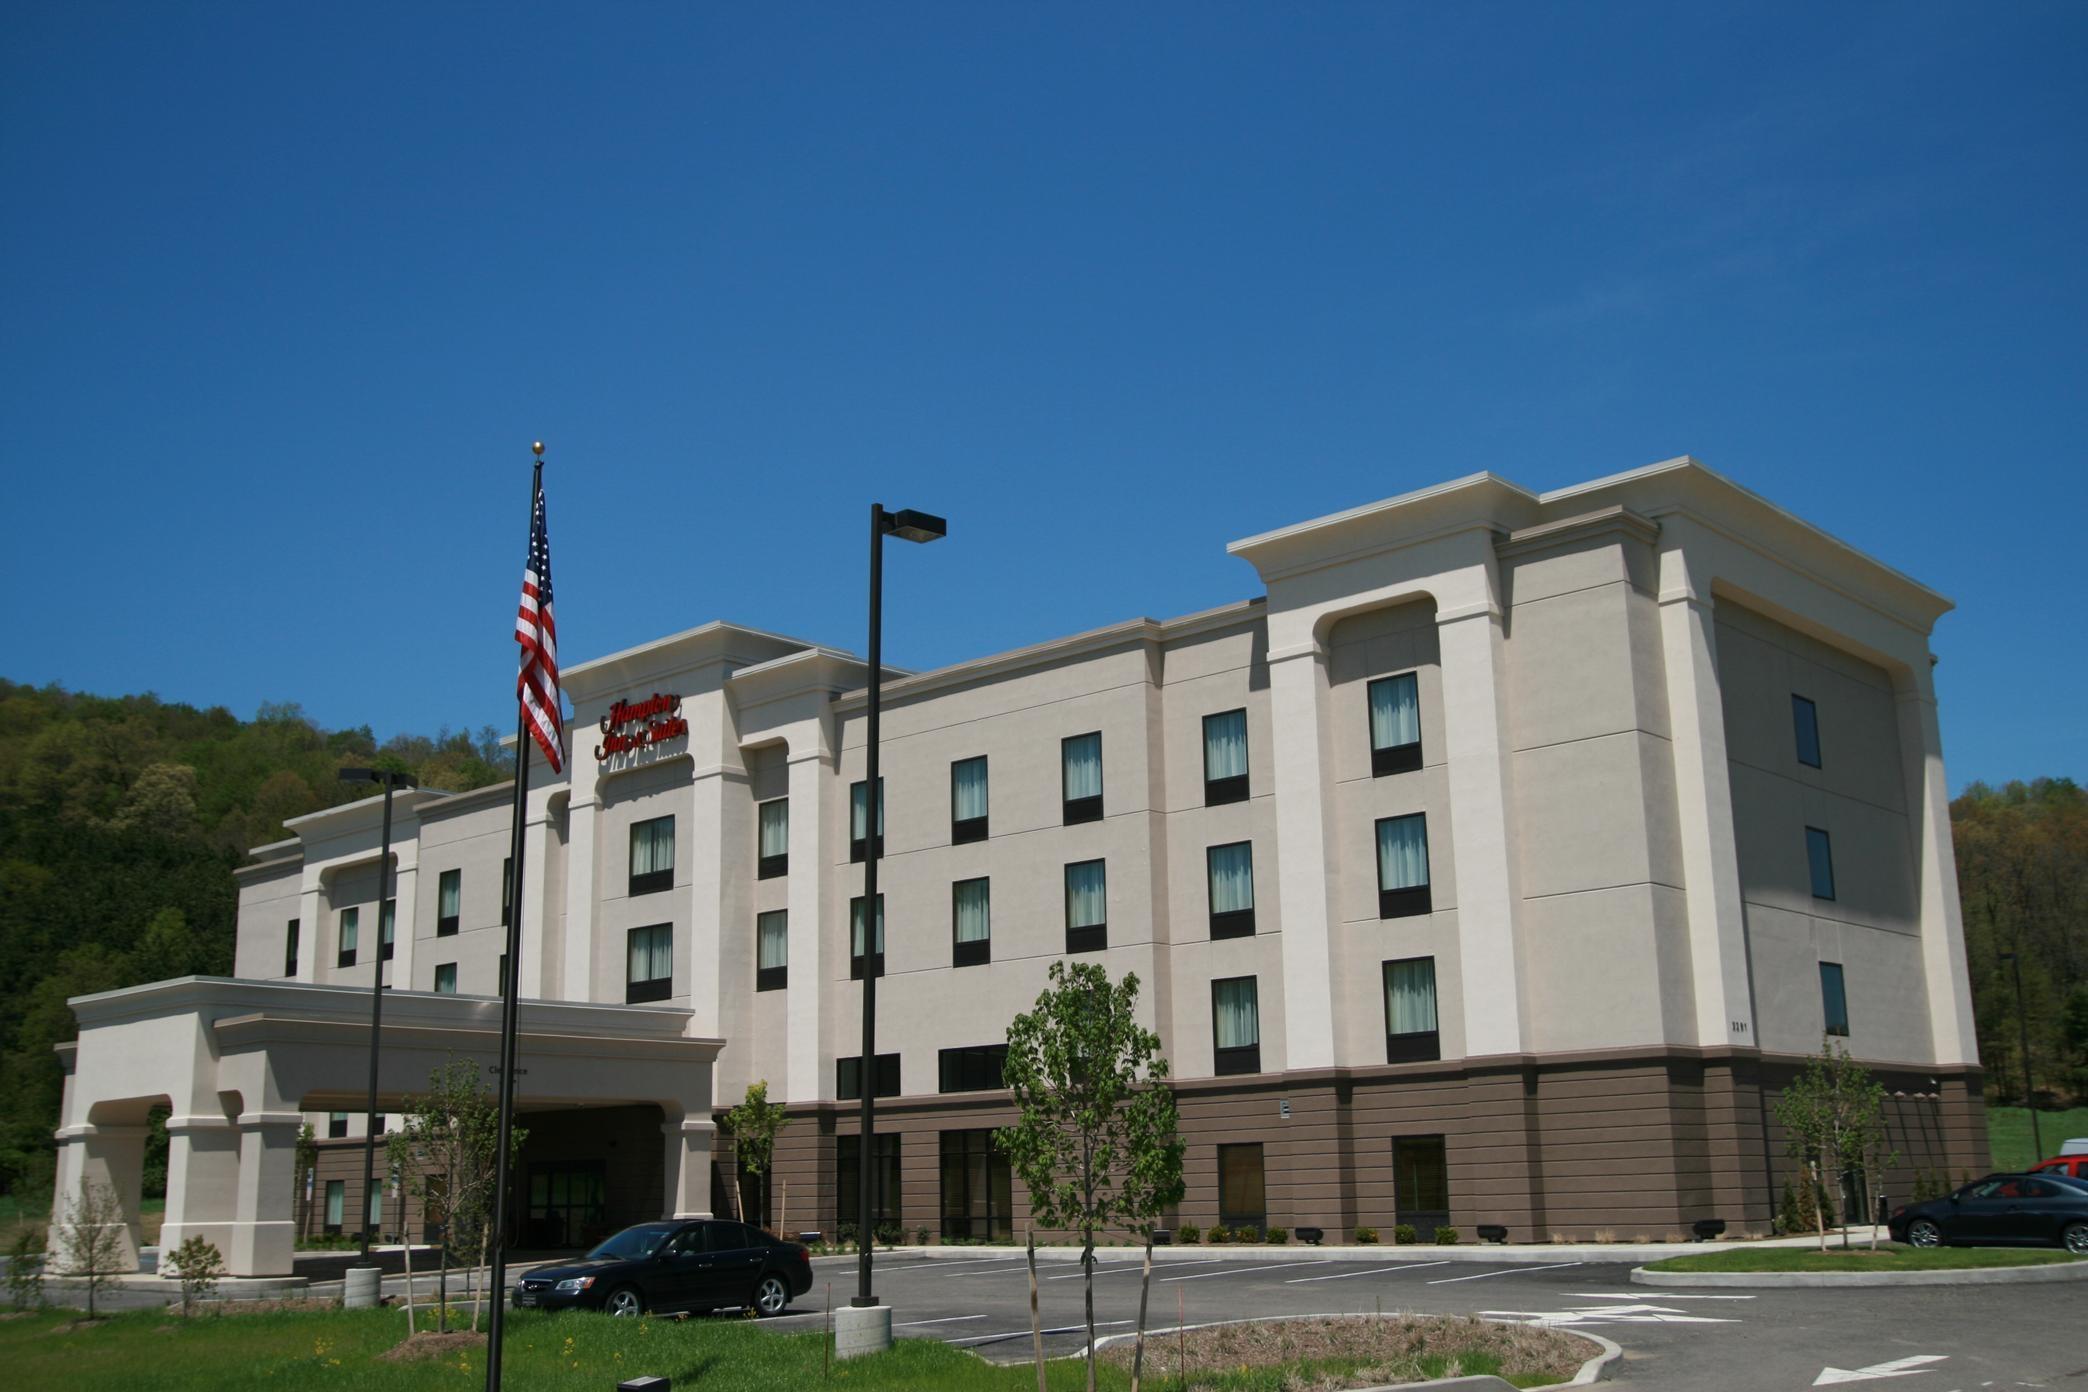 Hampton Inn & Suites Warren image 10